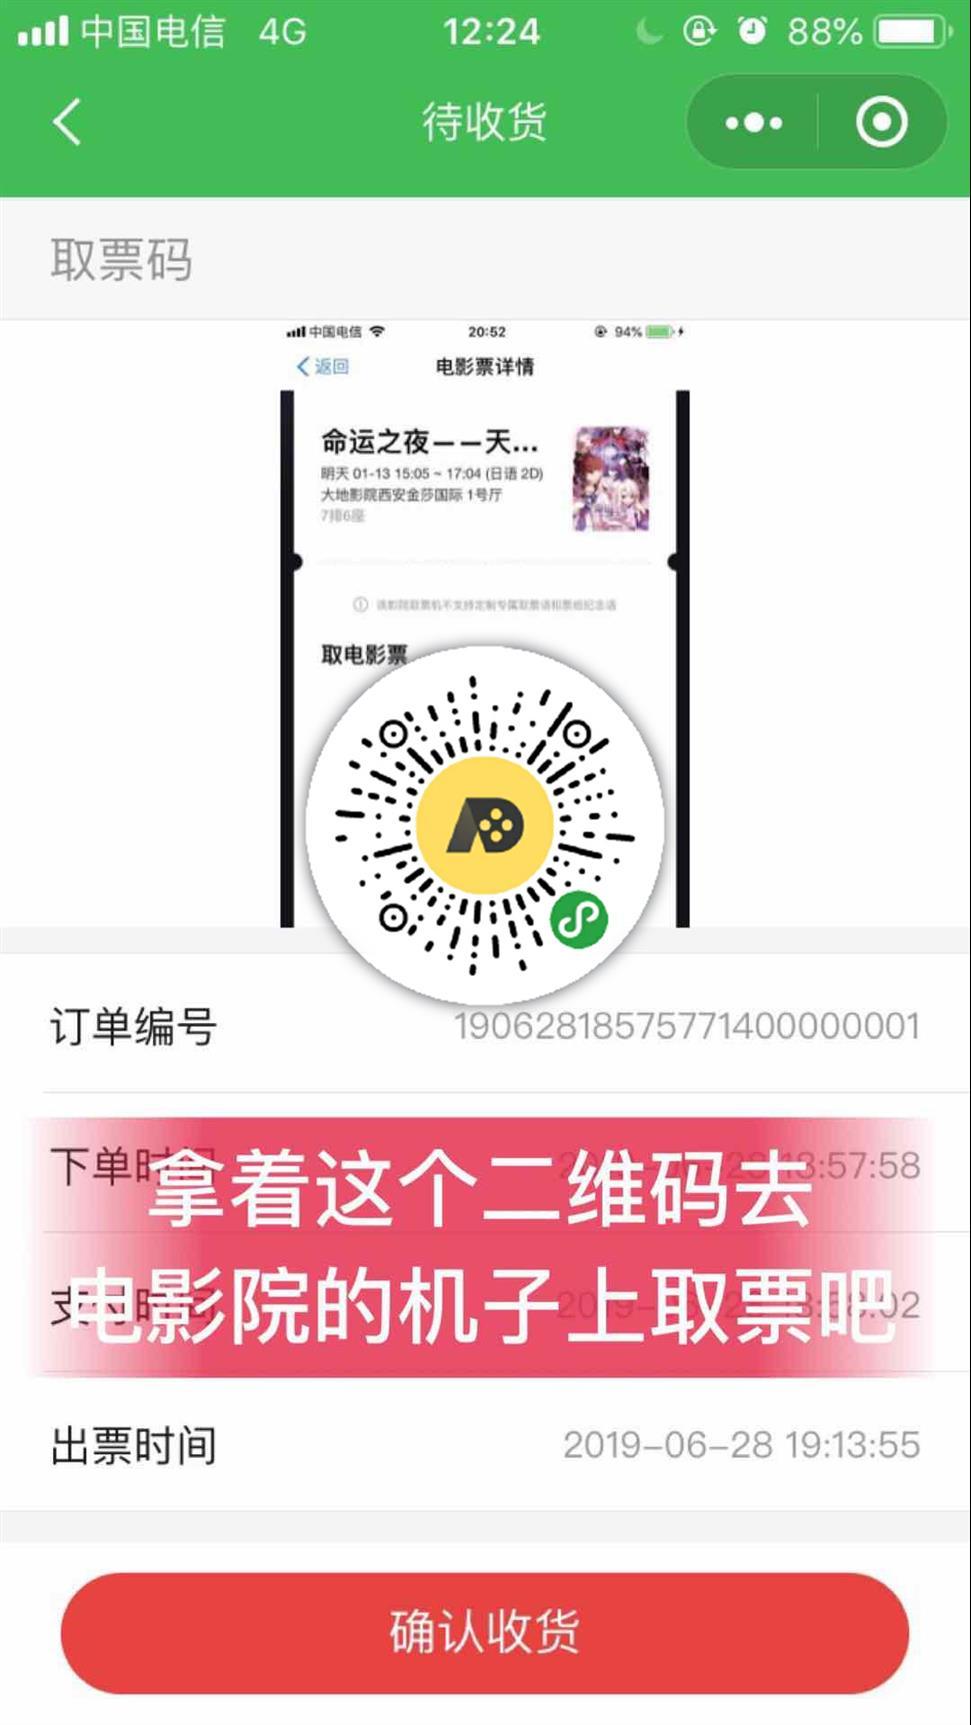 电影女校电影tc中字85折电影票v电影上海准怪谈图片